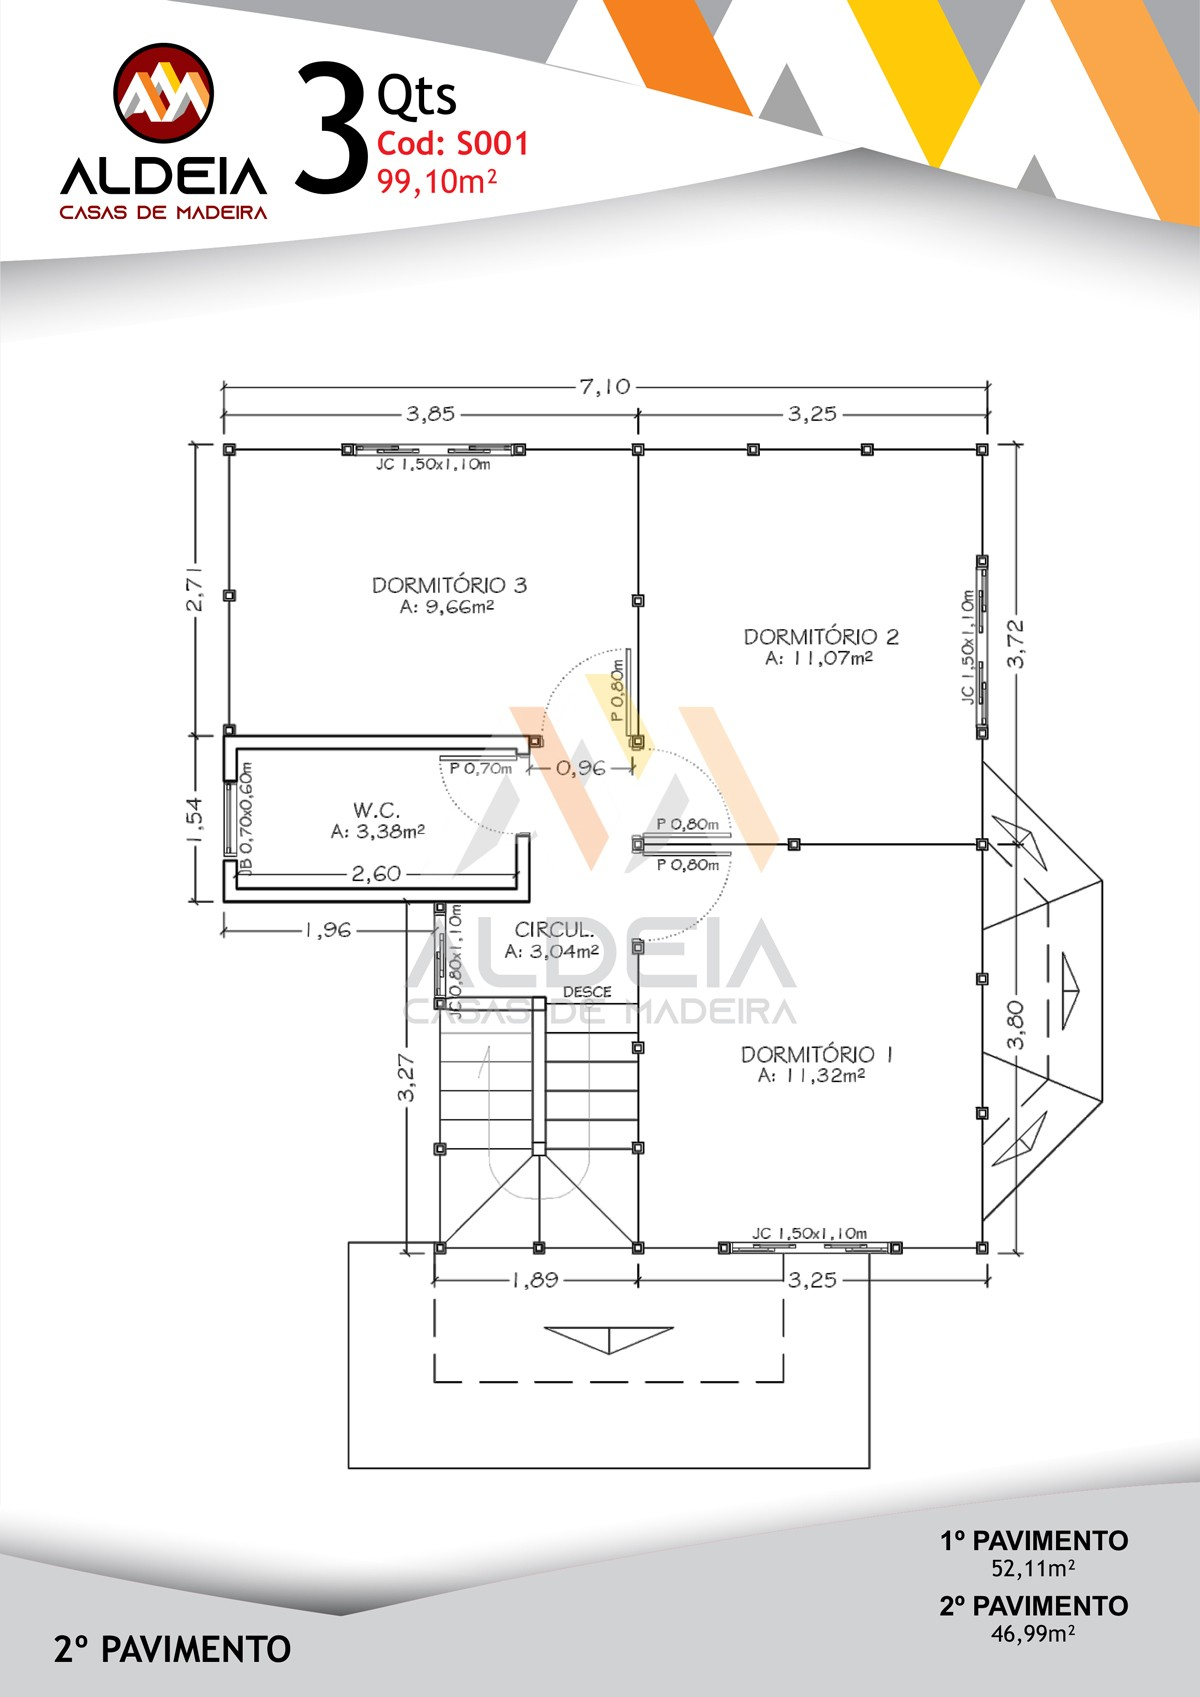 aldeia-casas-madeira-arquitetura-S001-2